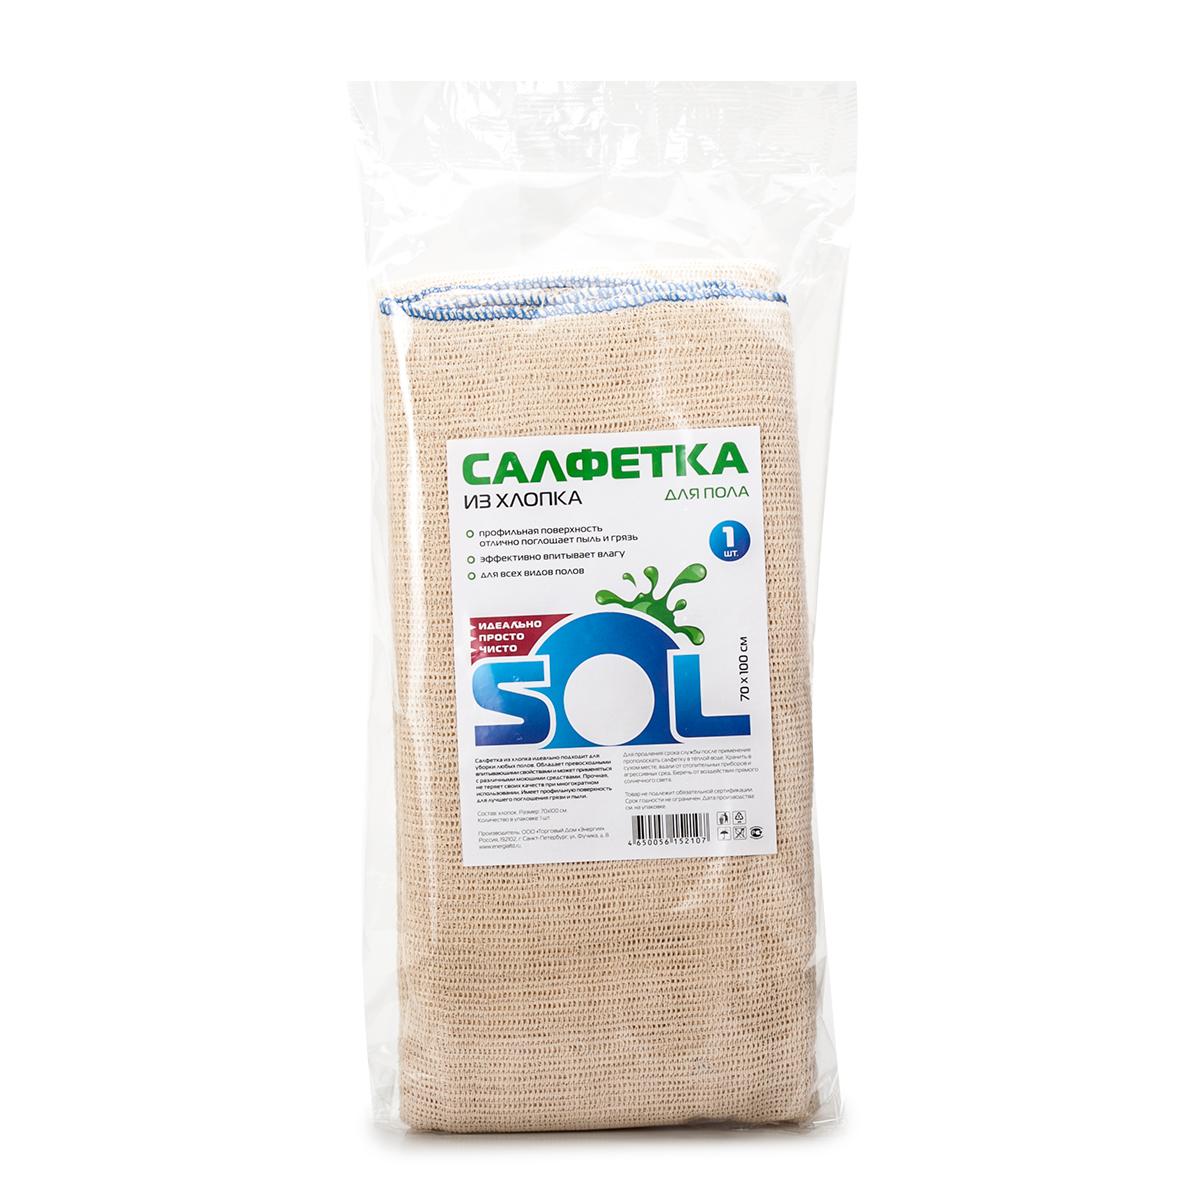 Салфетка для пола Sol, 70 x 100 смDW90Салфетка из хлопка Sol идеально подходит для уборки любых полов. Обладает превосходными впитывающими свойствами и может применяться с различными моющими средствами. Салфетка прочная, не теряет своих качеств и при многократном использовании. Имеет профильную поверхность для лучшего поглощения грязи и пыли.